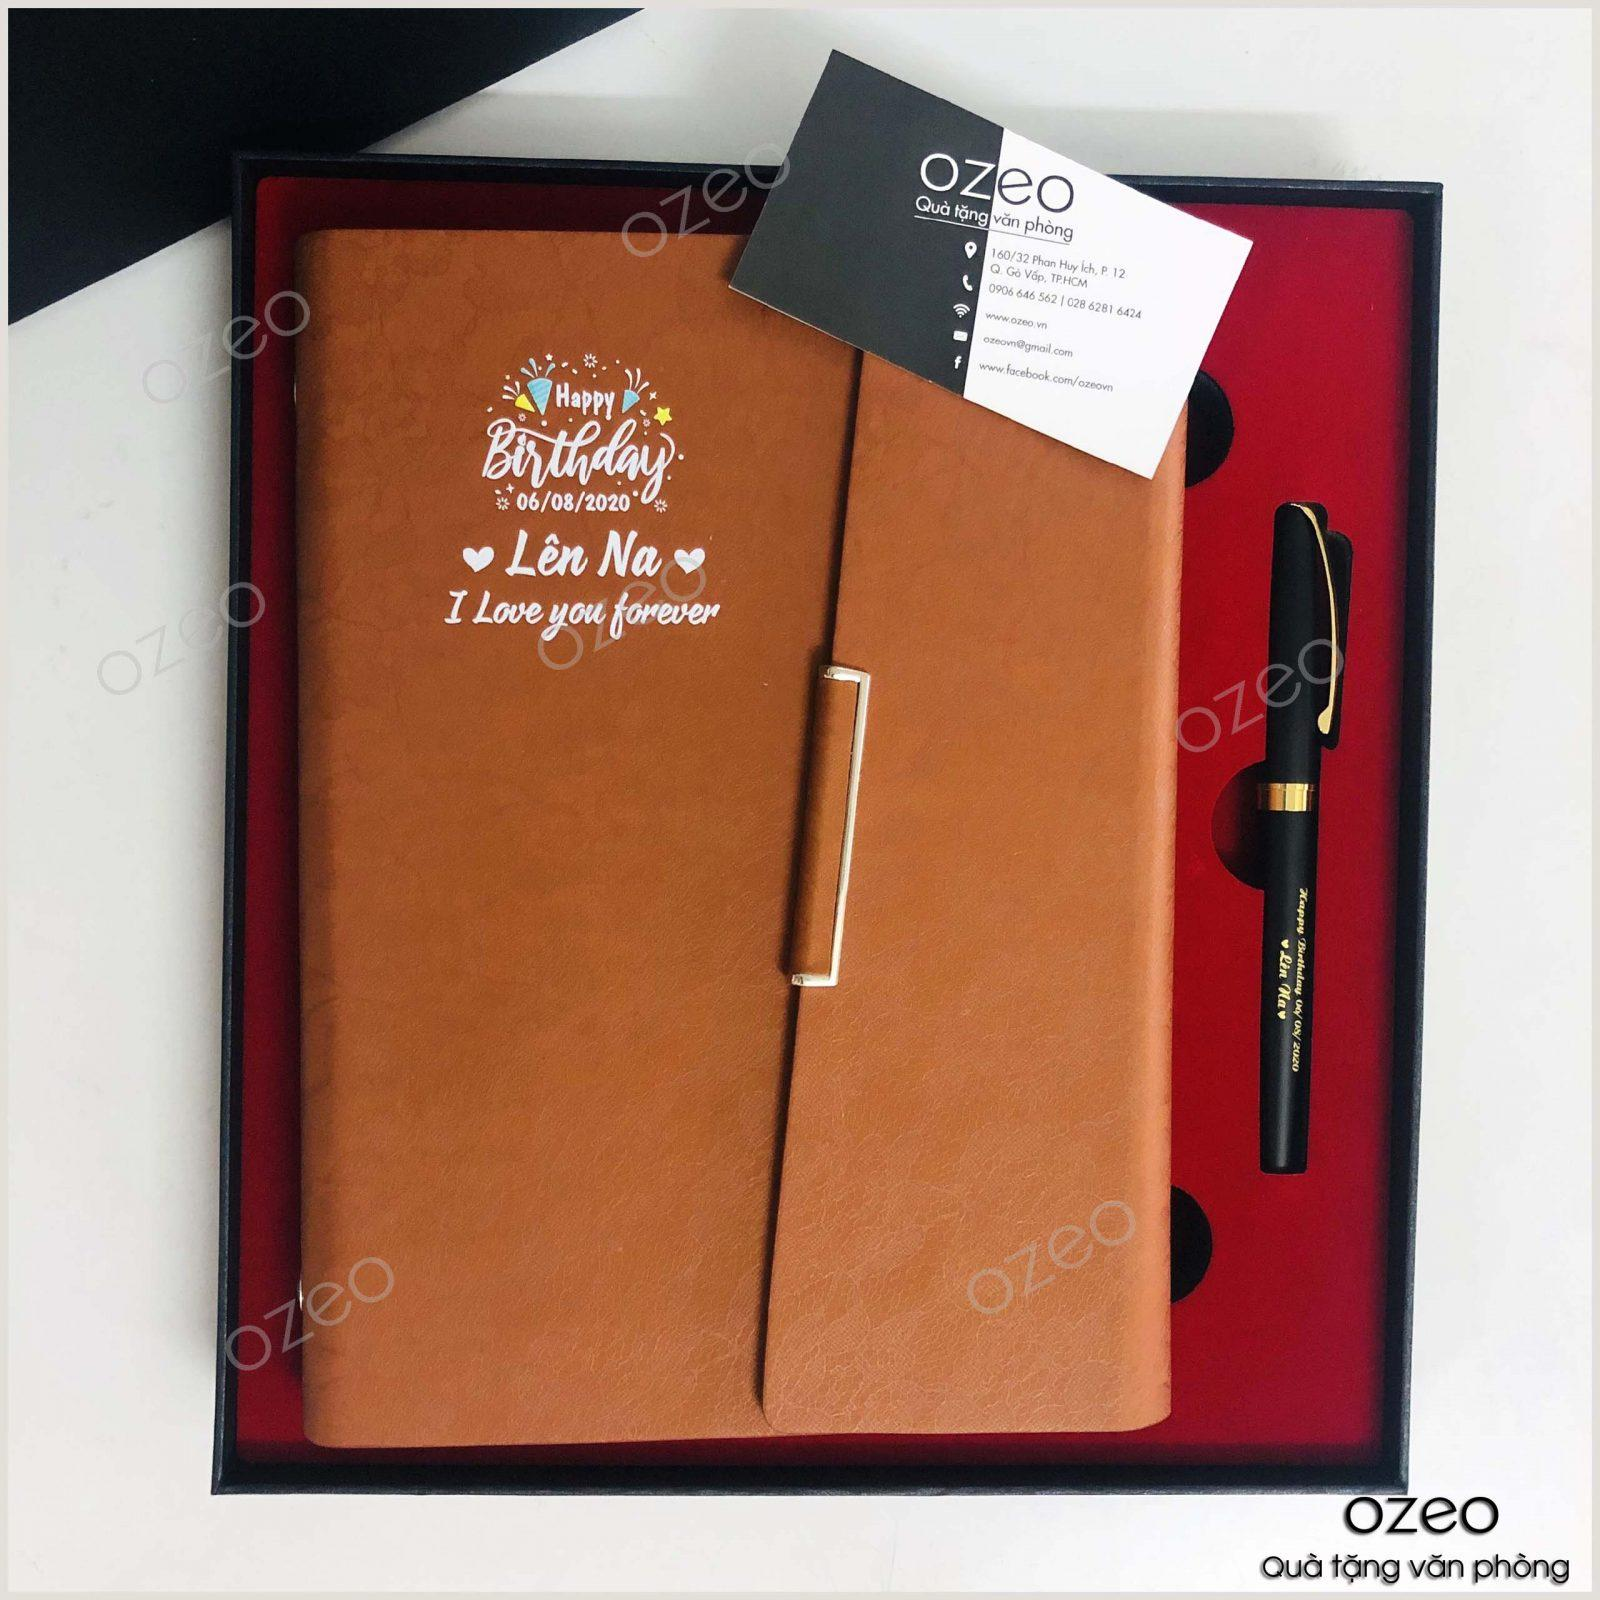 Bộ Giftset sổ tay và bút in hình ảnh, thông điệp theo yêu cầu